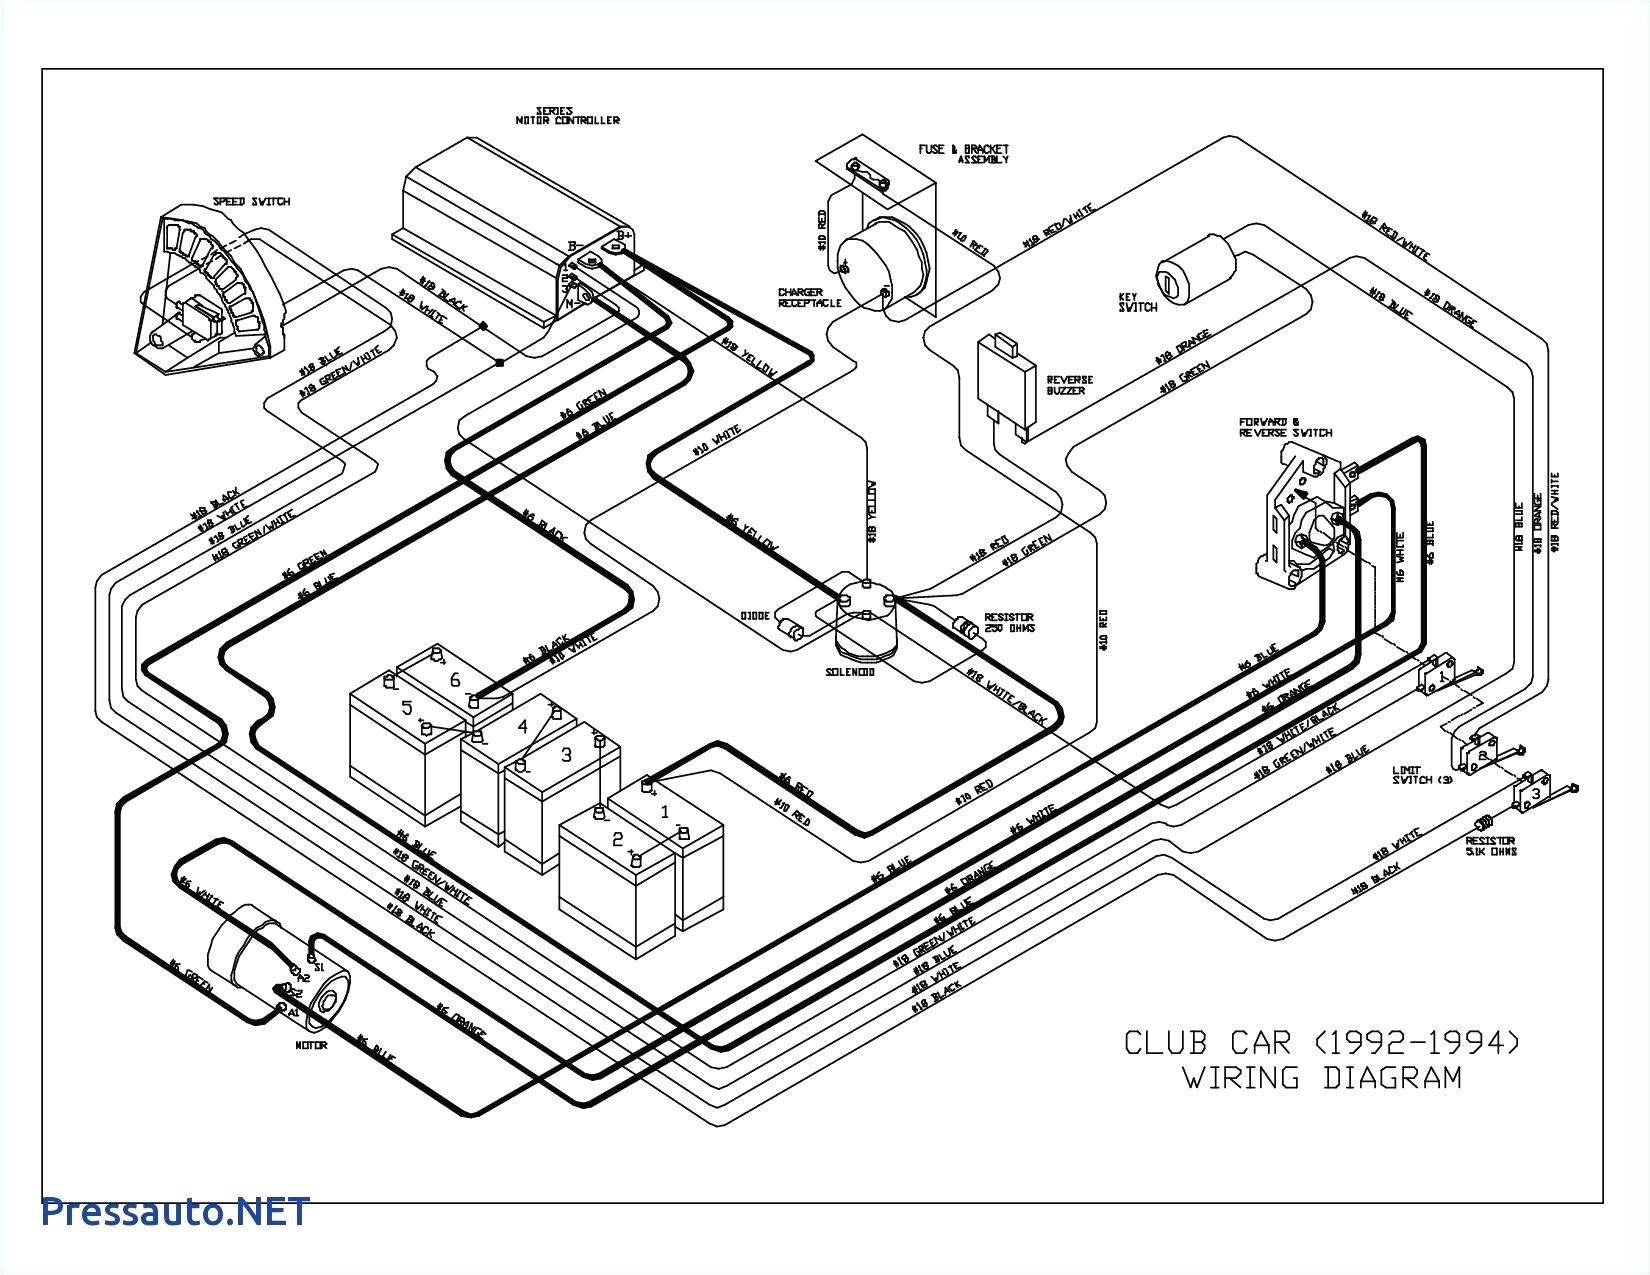 36 volt club car wiring diagram wiring diagram datasource 36 volt club car wiring diagram schematics